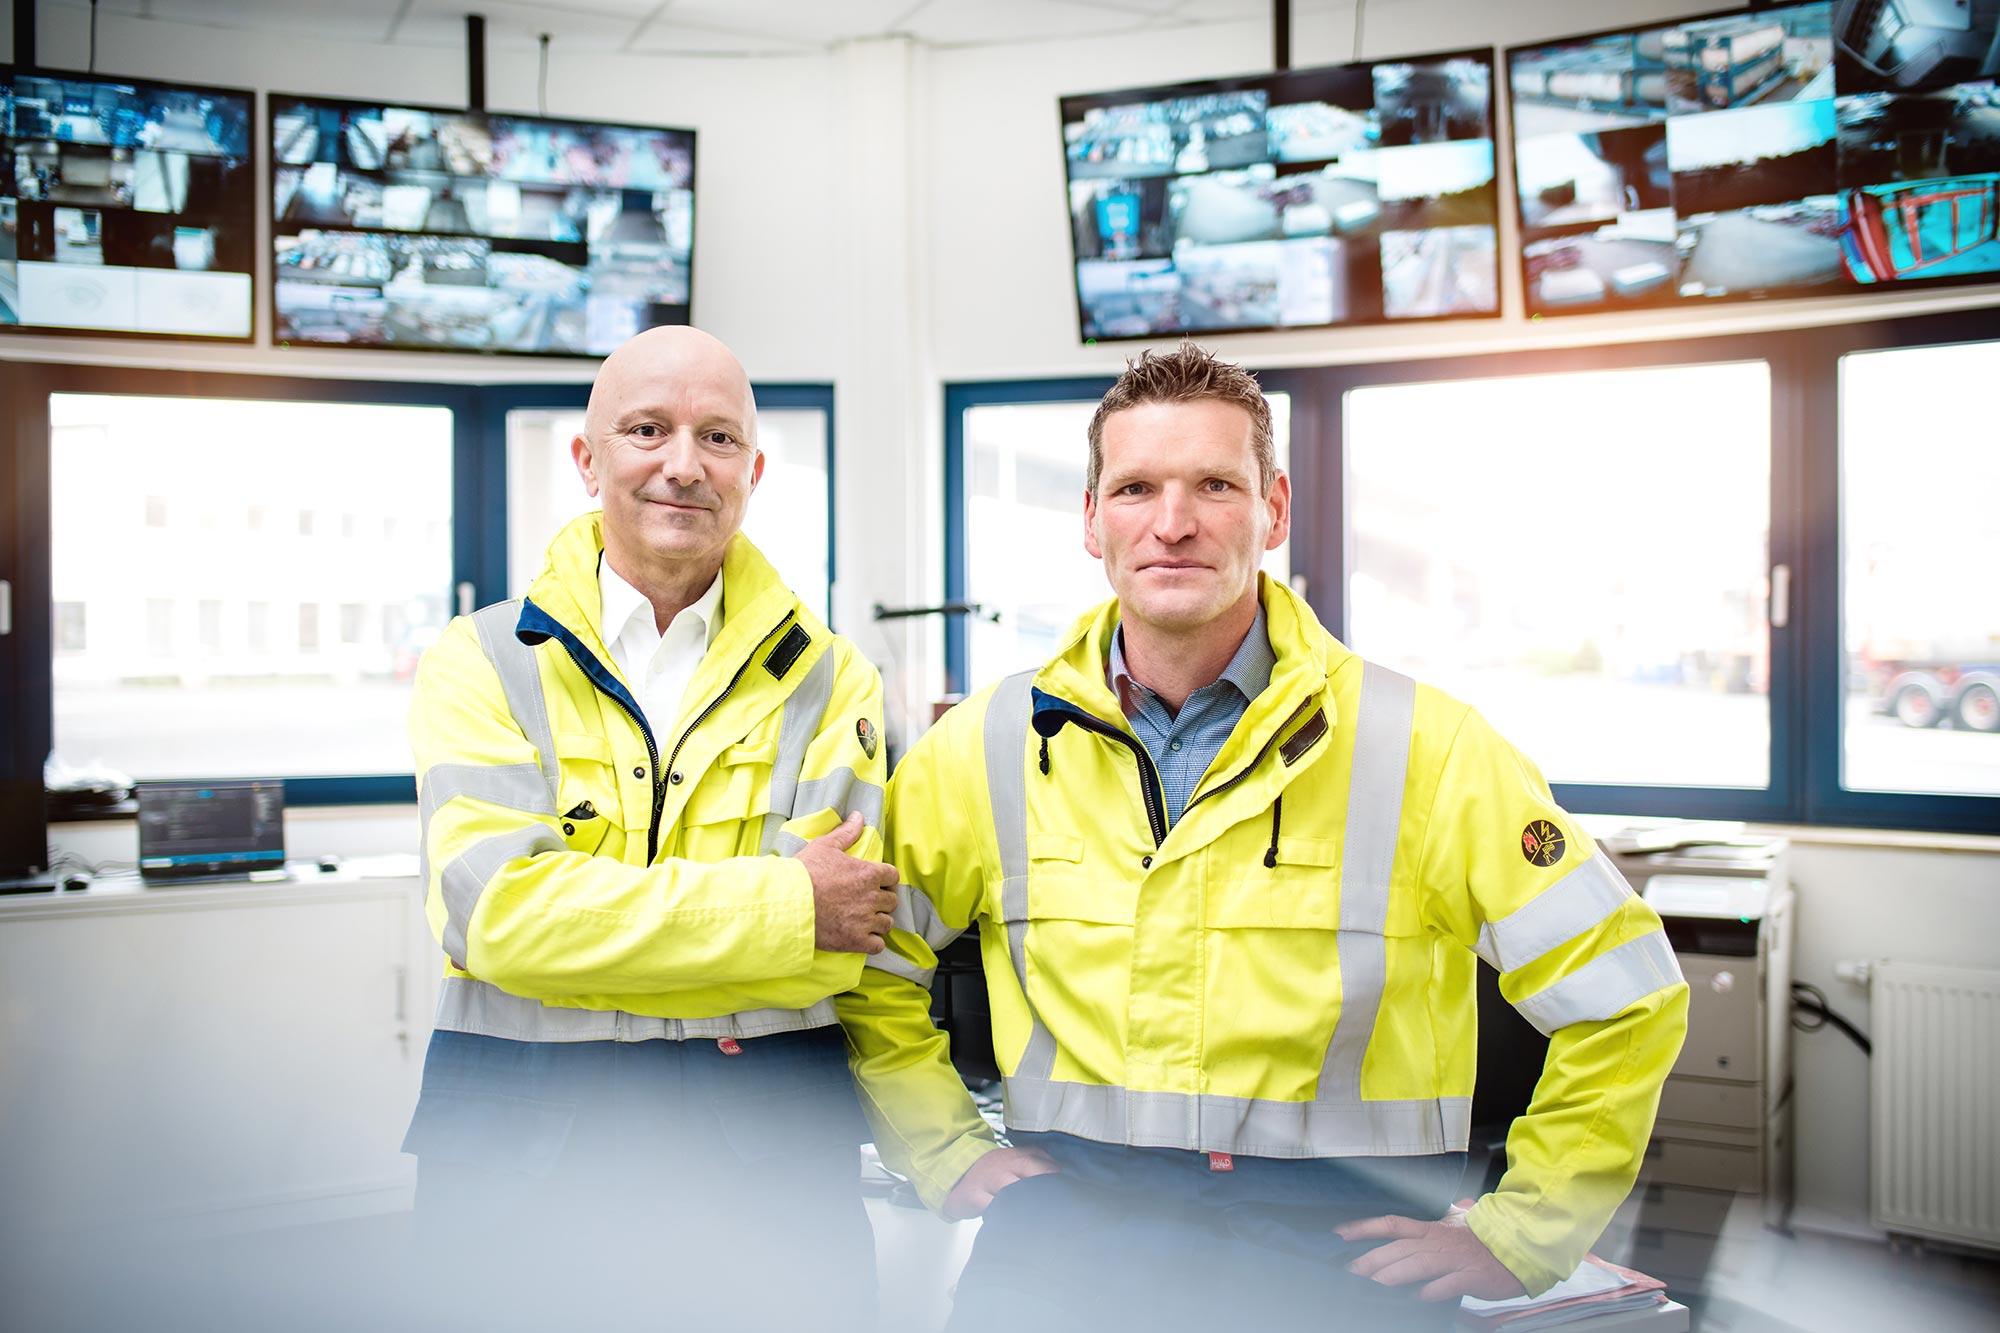 Talke Logistics Mitarbeiter Motive Sicherheitsleute in Kontrollraum auf Betriebshof freundlich professionell